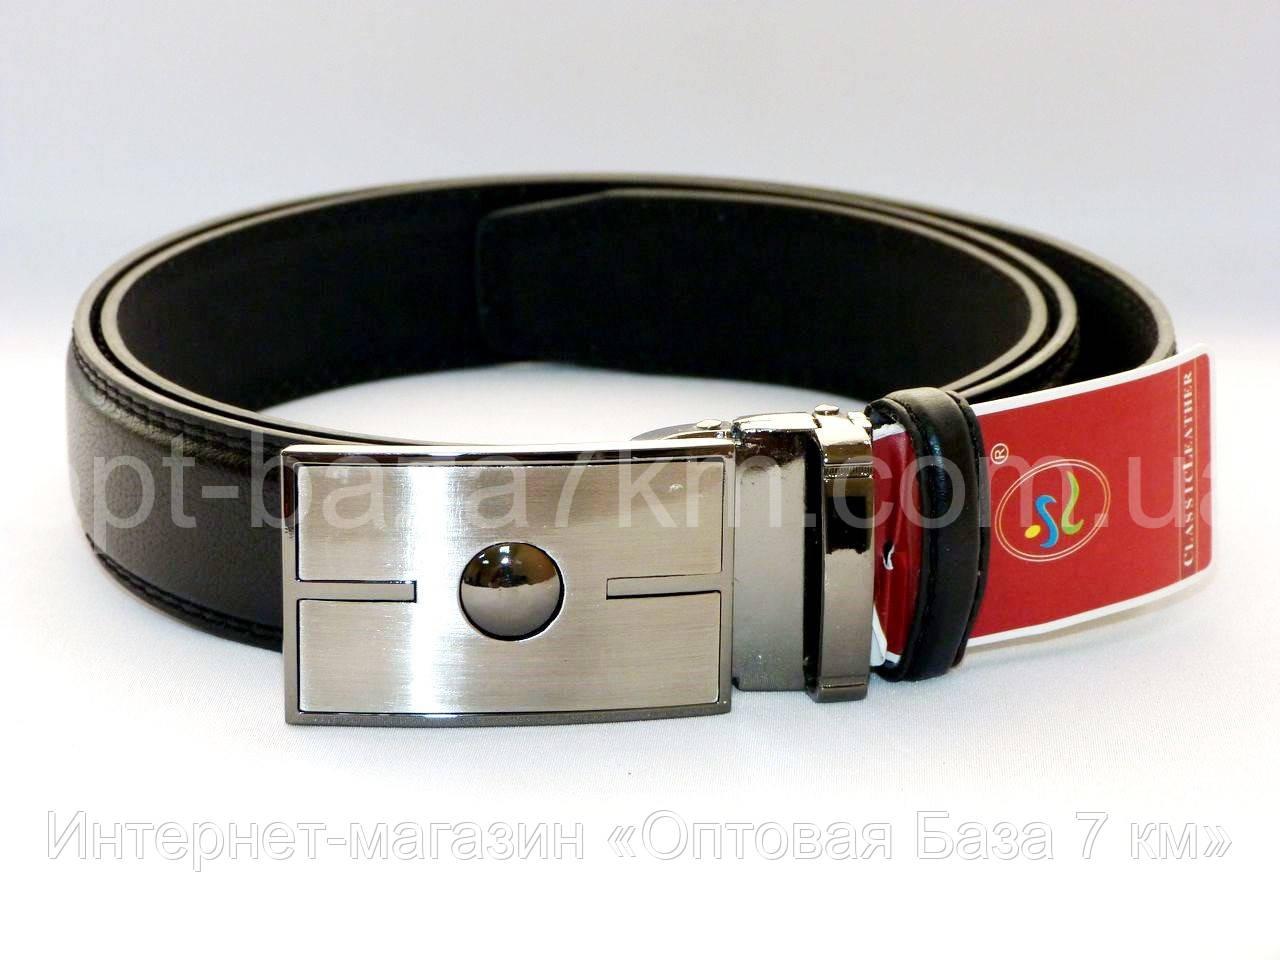 a59a570557fc Ремень мужской оптом пряжка гвоздик купить в одессе 7 км - копии брендов